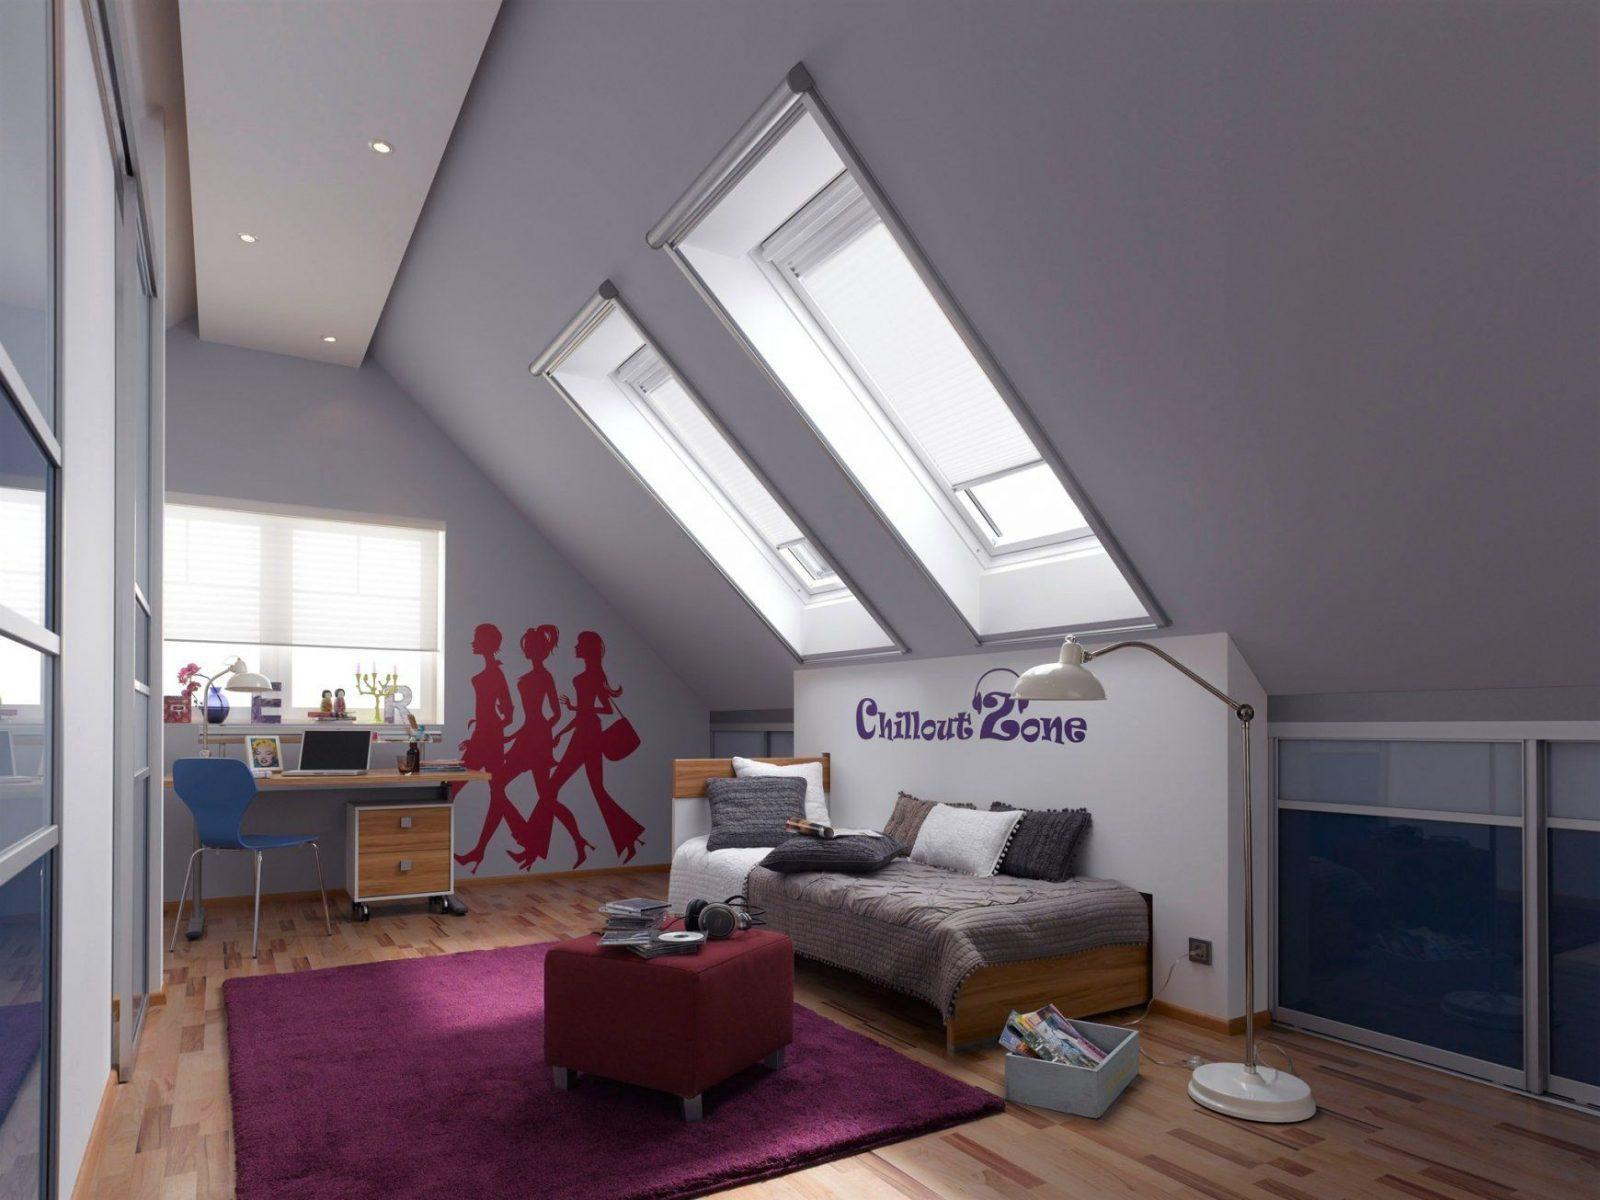 Kleines Wohnzimmer Mit Dachschräge Farblich Gestalten Wunderbar Auf von Zimmer Mit Dachschräge Farblich Gestalten Photo